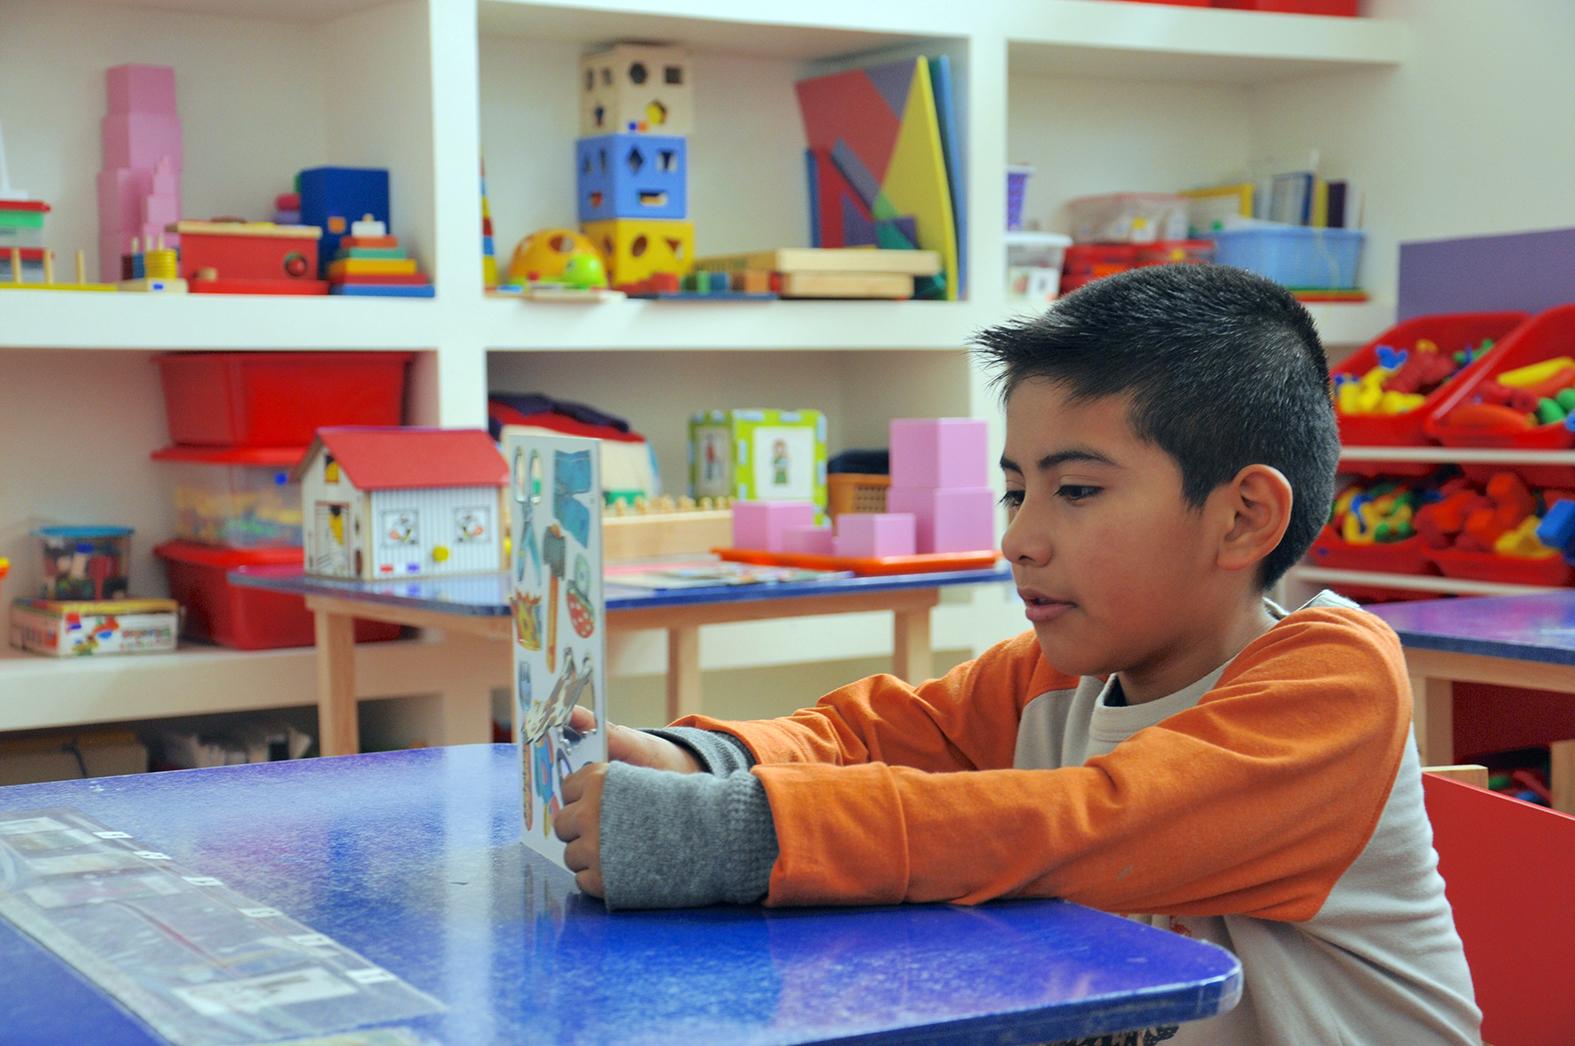 Cedaa, cambia la perspectiva de familias que viven con el espectro autista